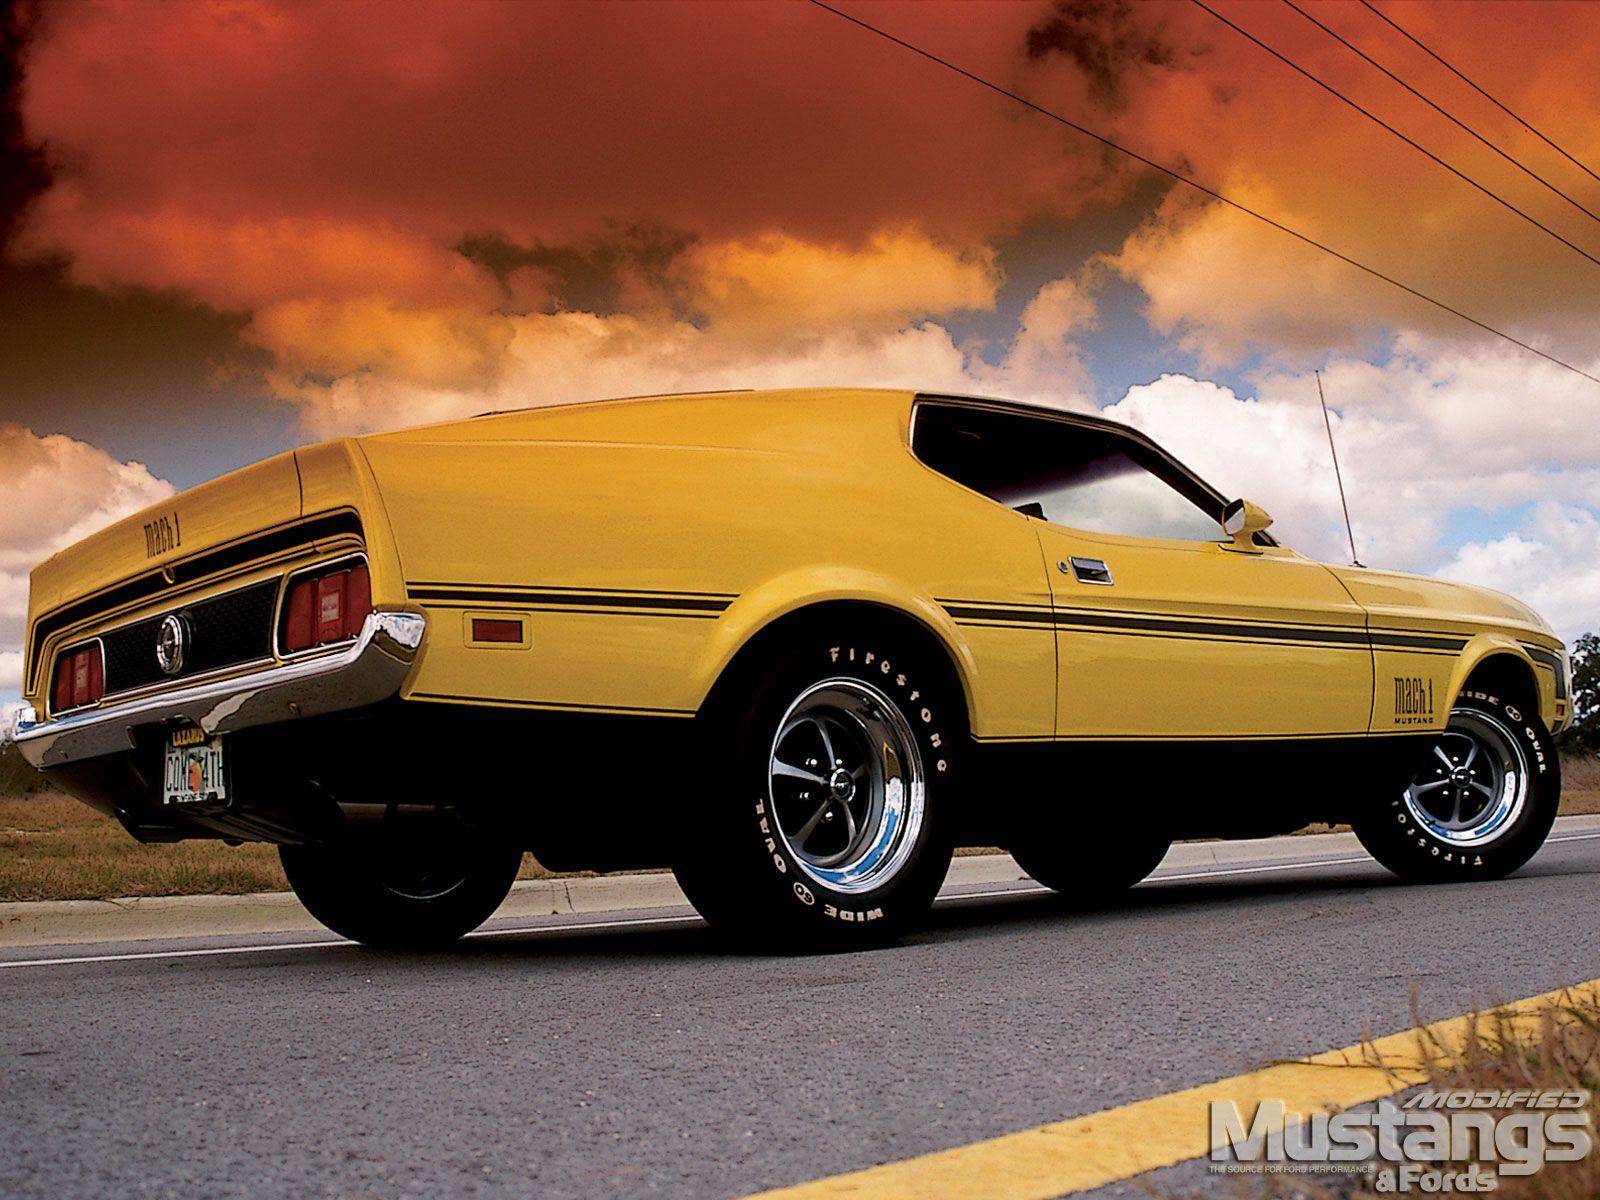 Mump 0209 20 1972 Ford Mustang Mach 1 Right Rear Quarter Jpg 1600 1200 Ford Mustang Mustang Mustang Cars